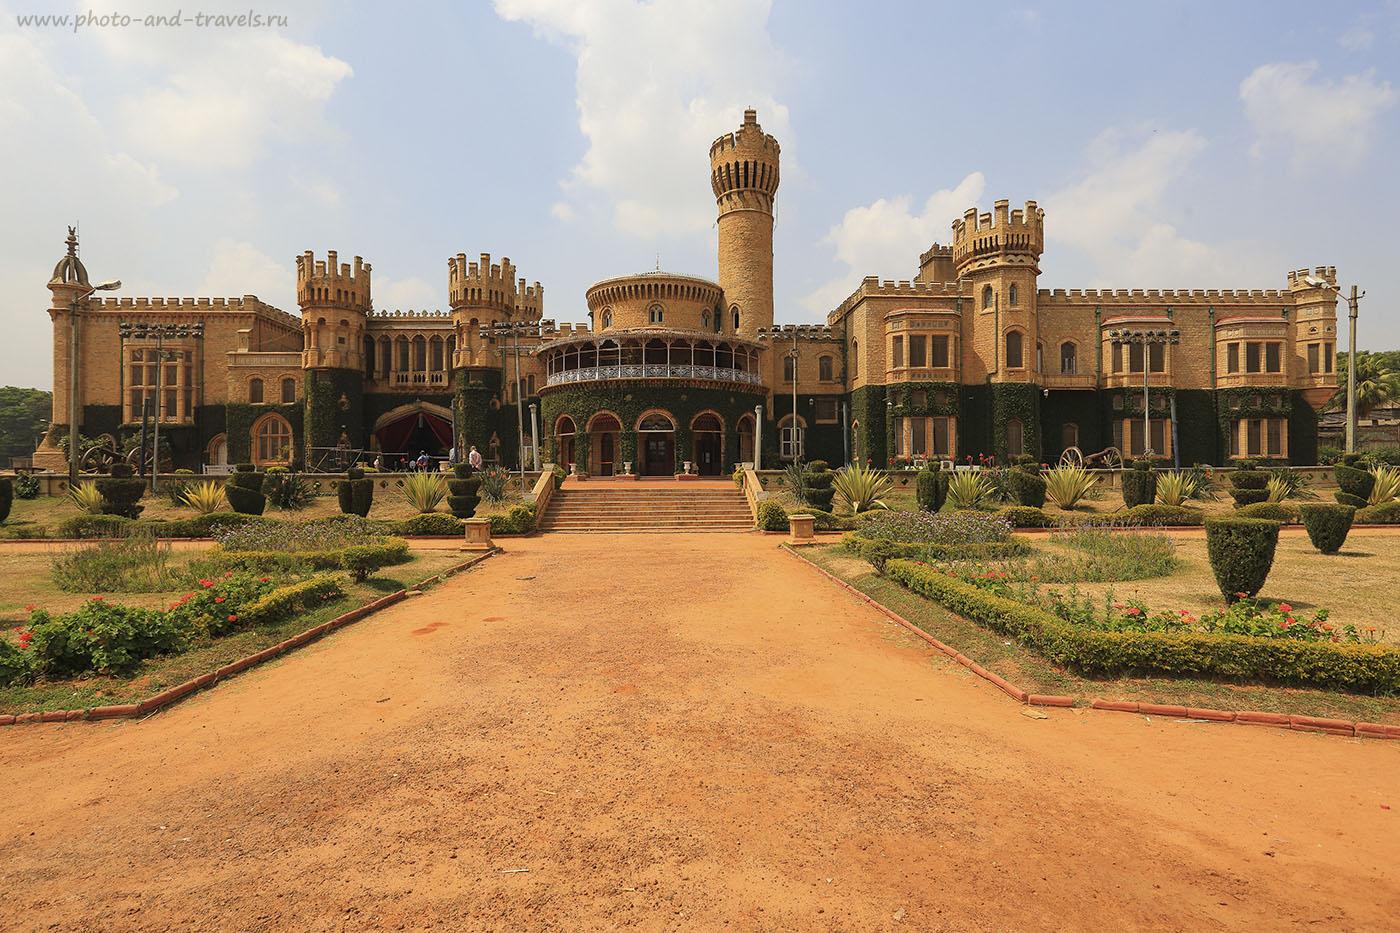 Фото 2. Туры в Индию. Отзывы об экскурсии в Бангалоре. Дворец